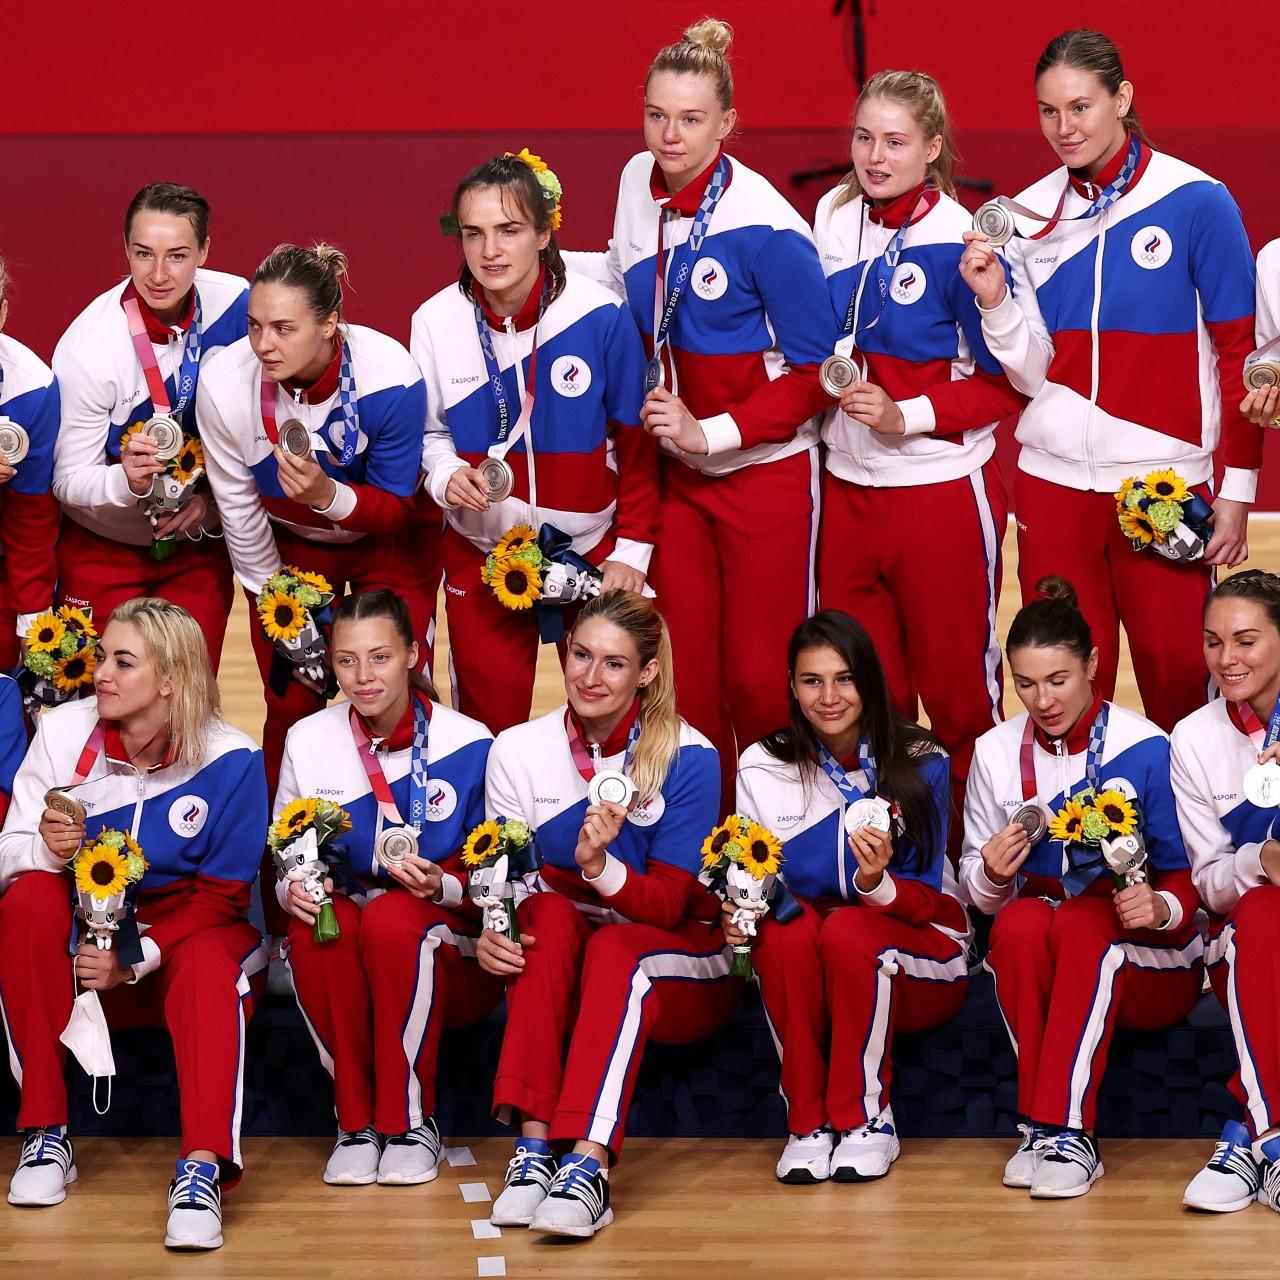 Women's handball team